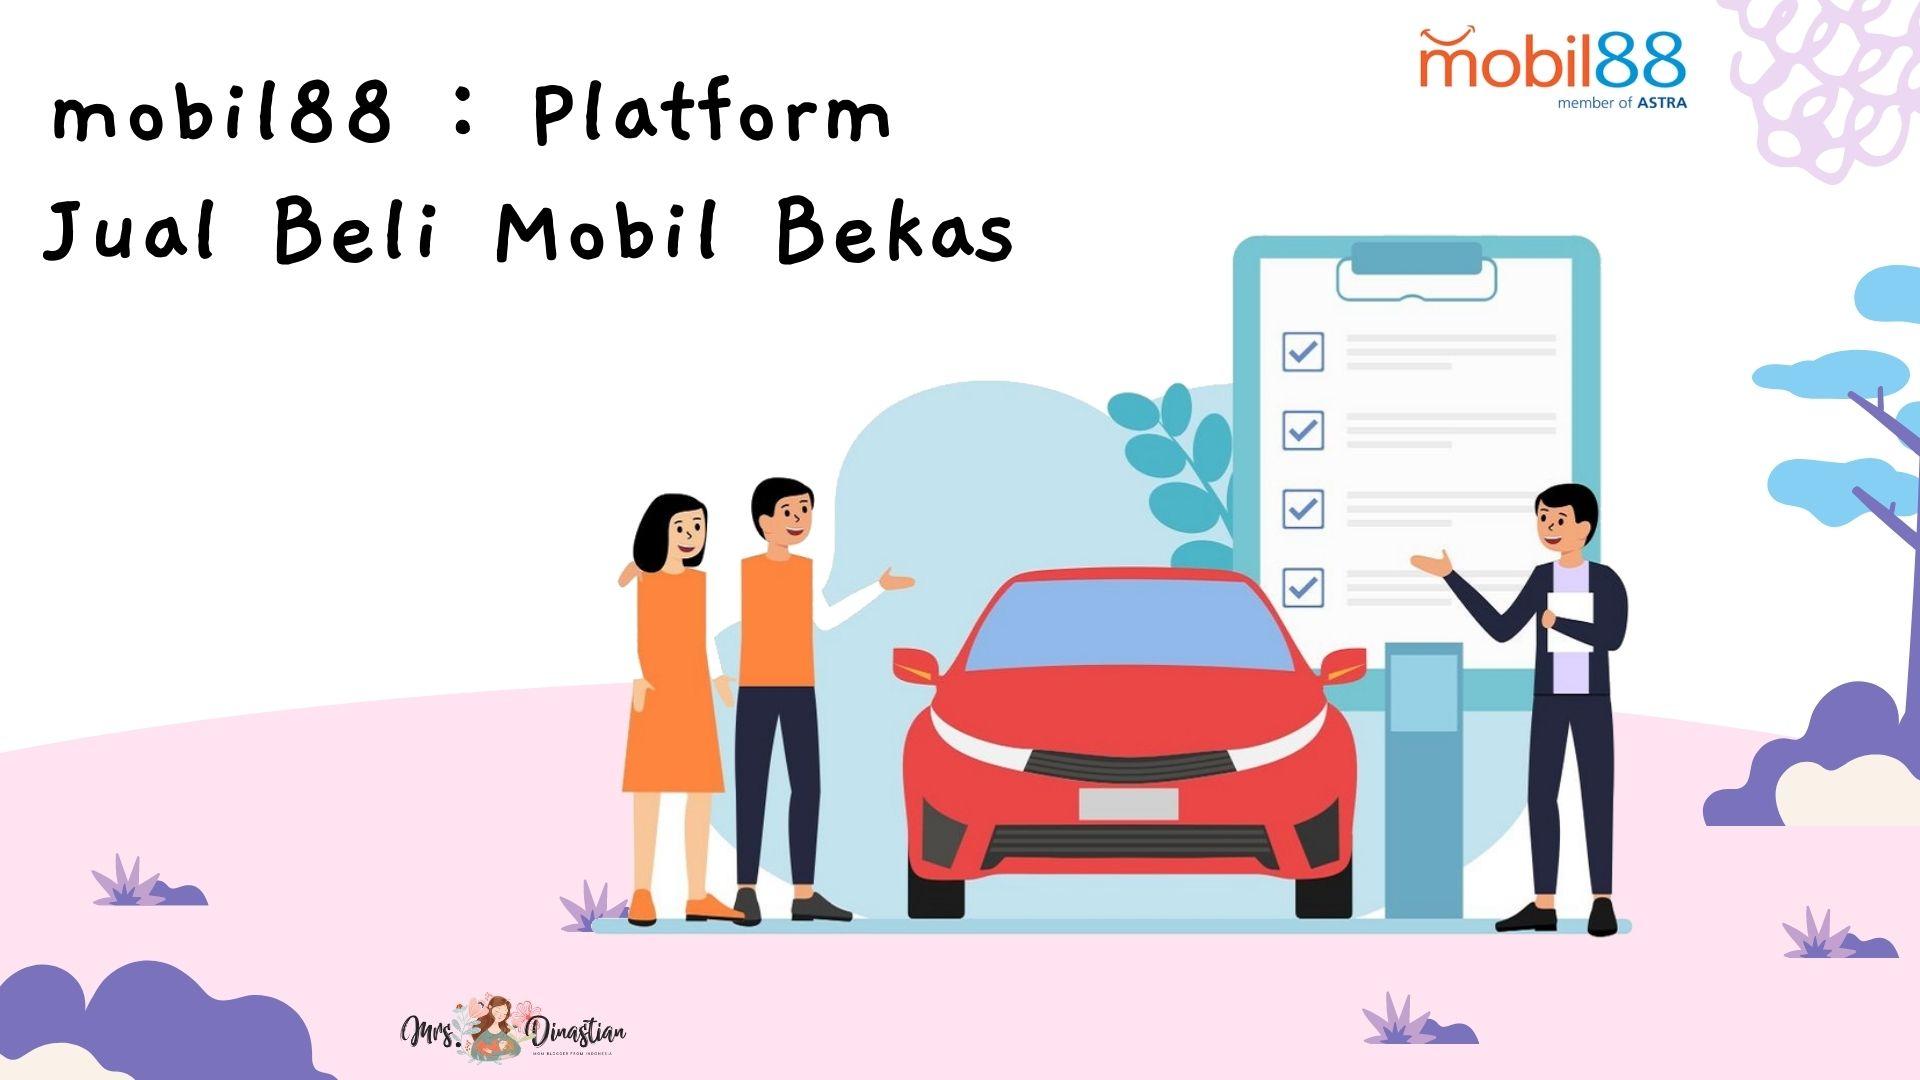 mobil88, platform jual beli mobil bekas